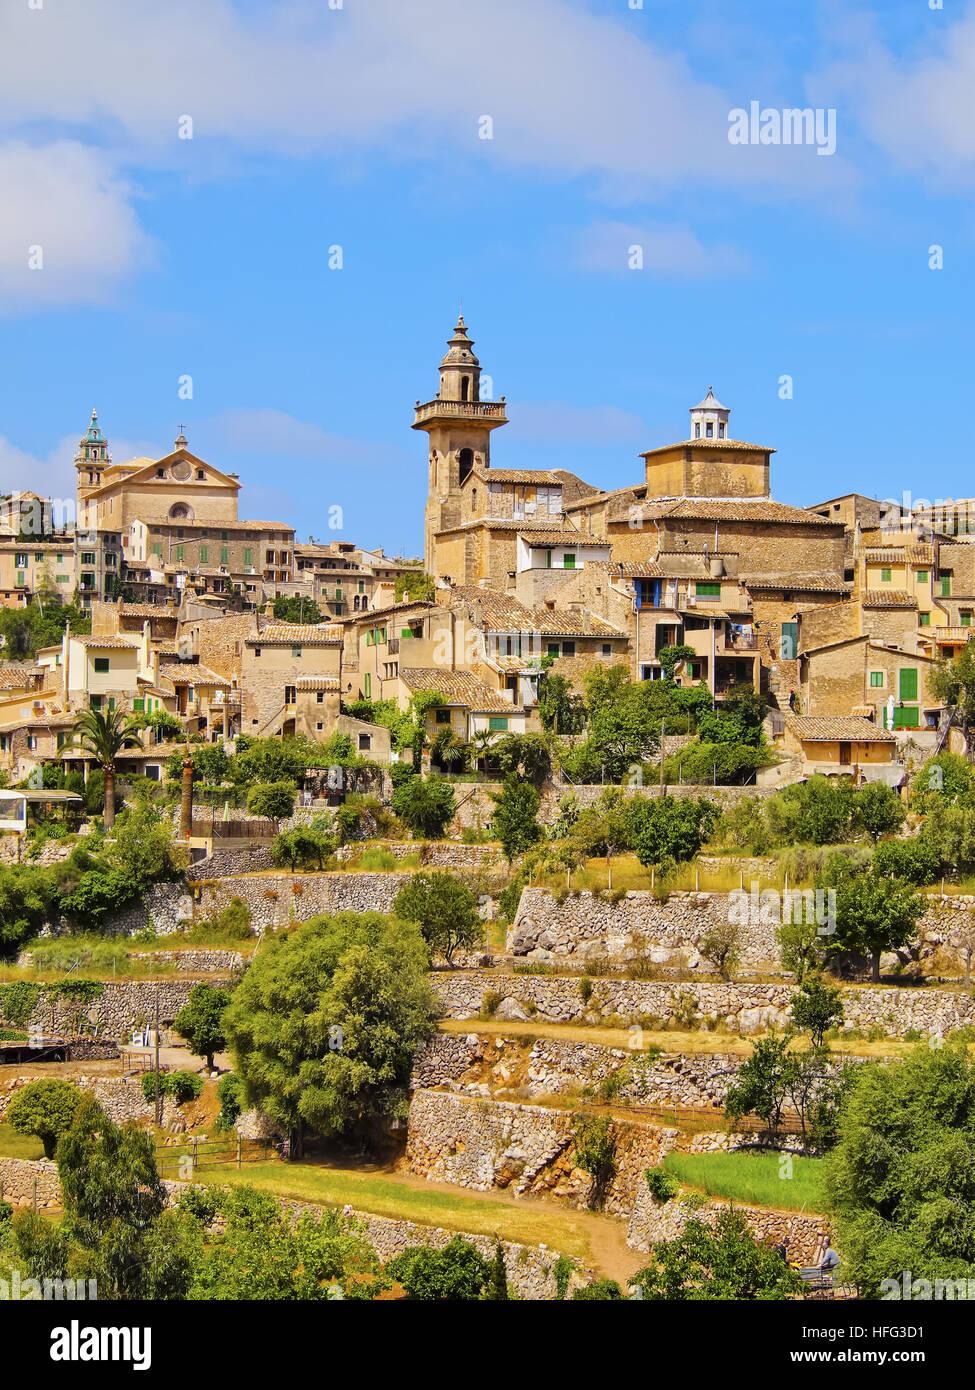 Valldemossa, Mallorca, Balearic Islands, Spain - Stock Image